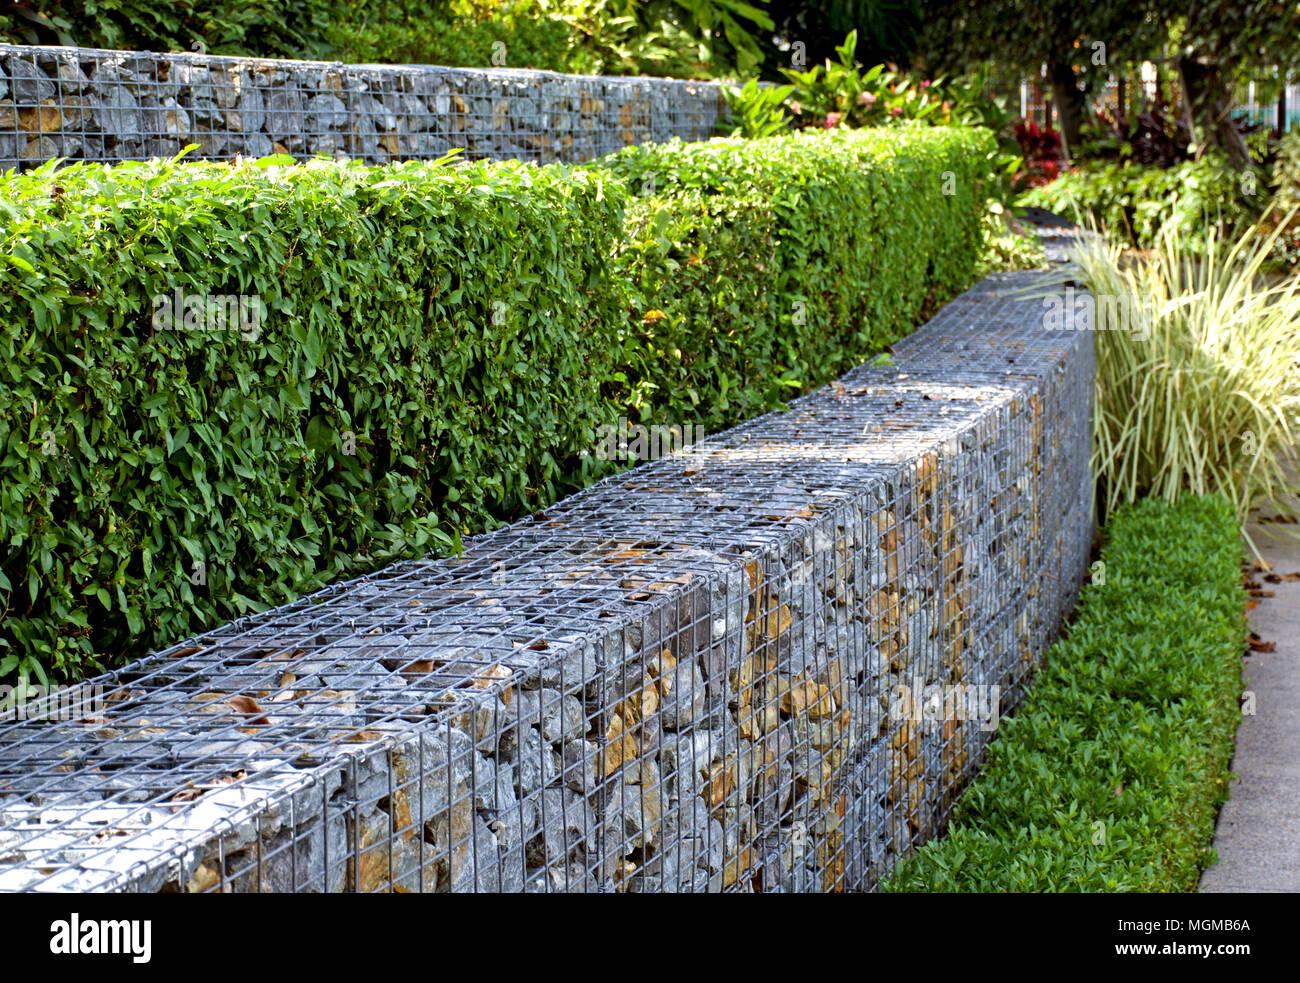 Multi tiered patio jard n con setos y muros de piedra de - Muros de jardin ...